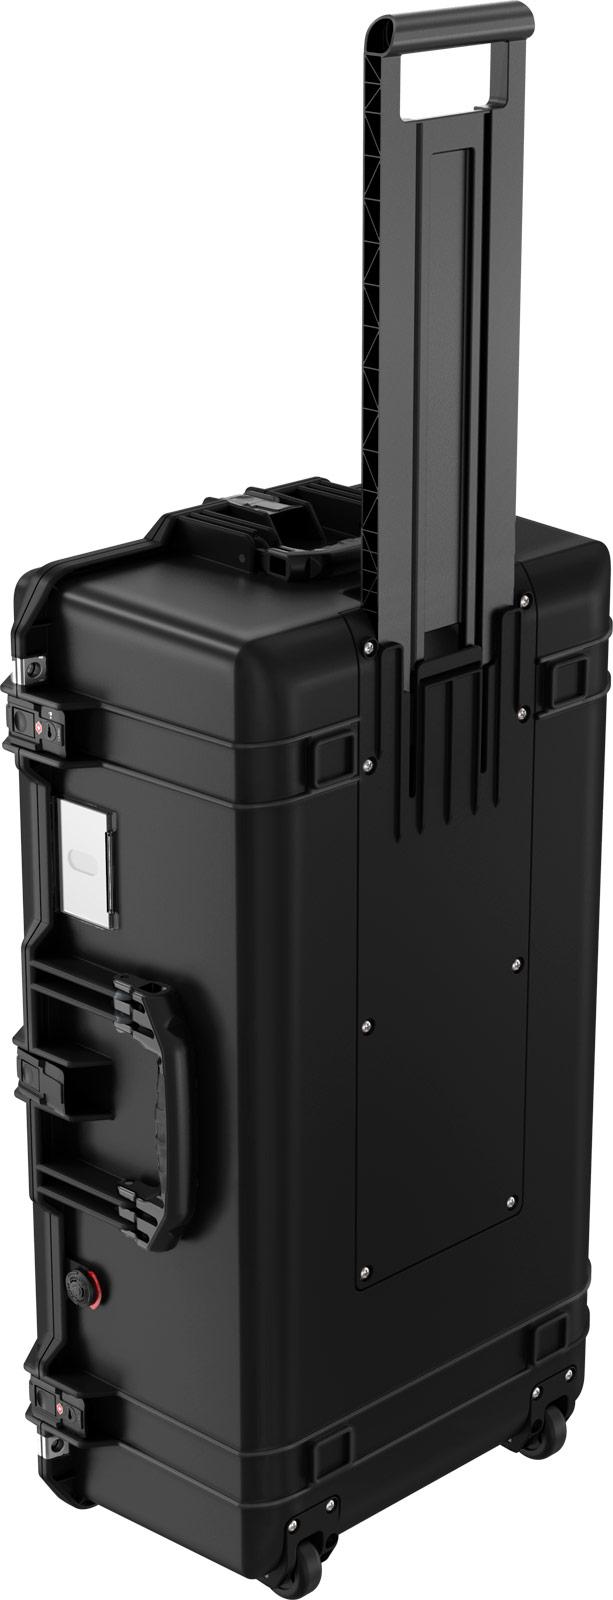 peli 1615 tsa luggage cases